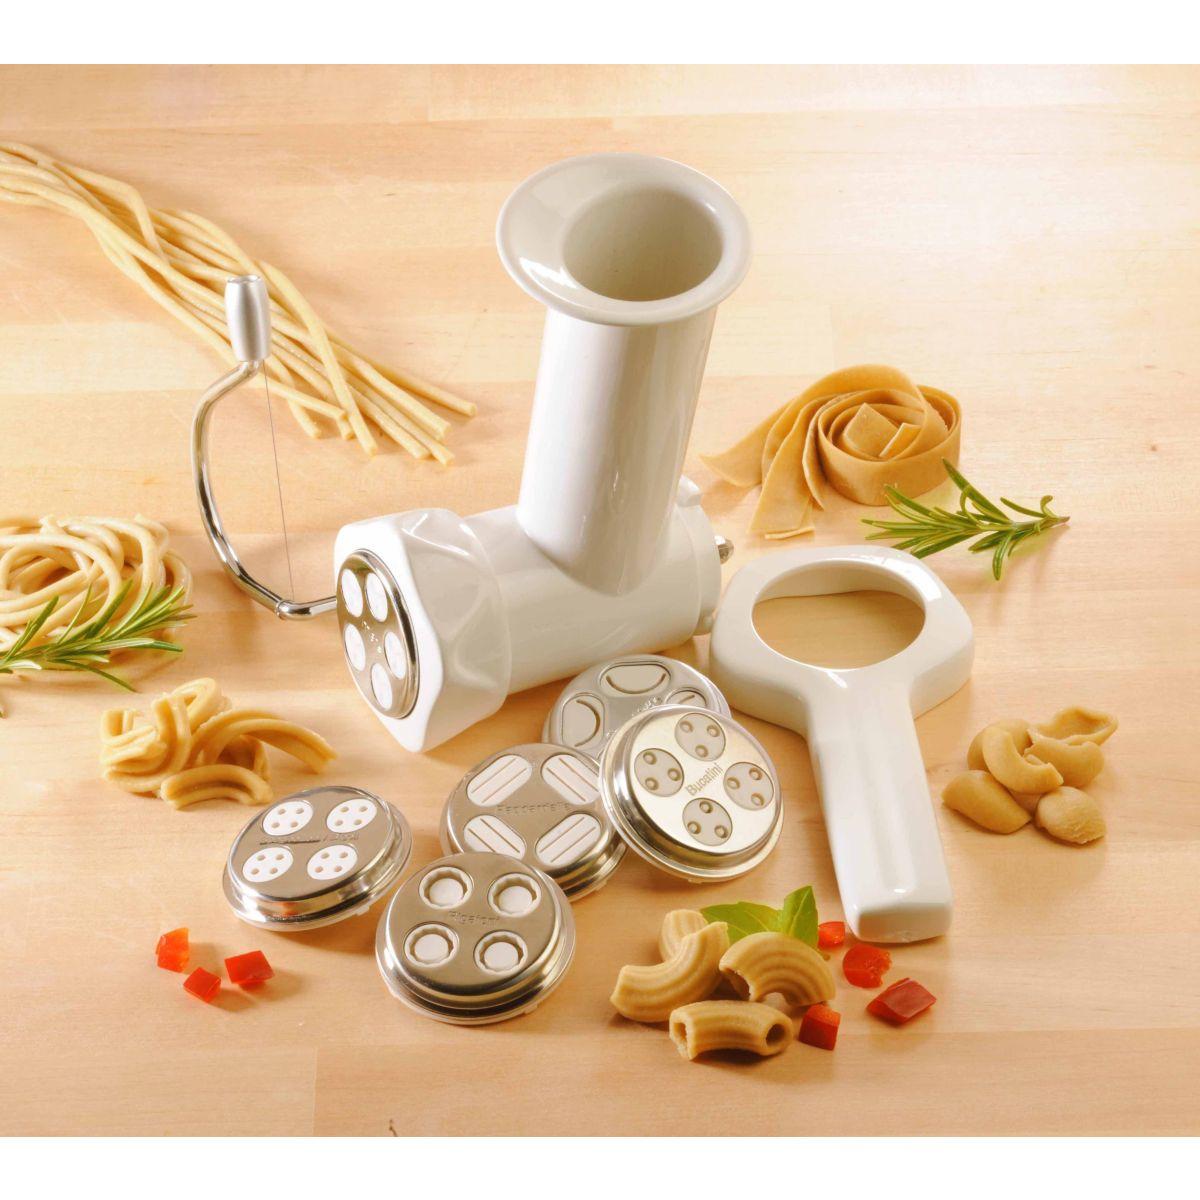 Accessoire moulinex xf690111 pasta box pour ma - 5% de remise : code pam5